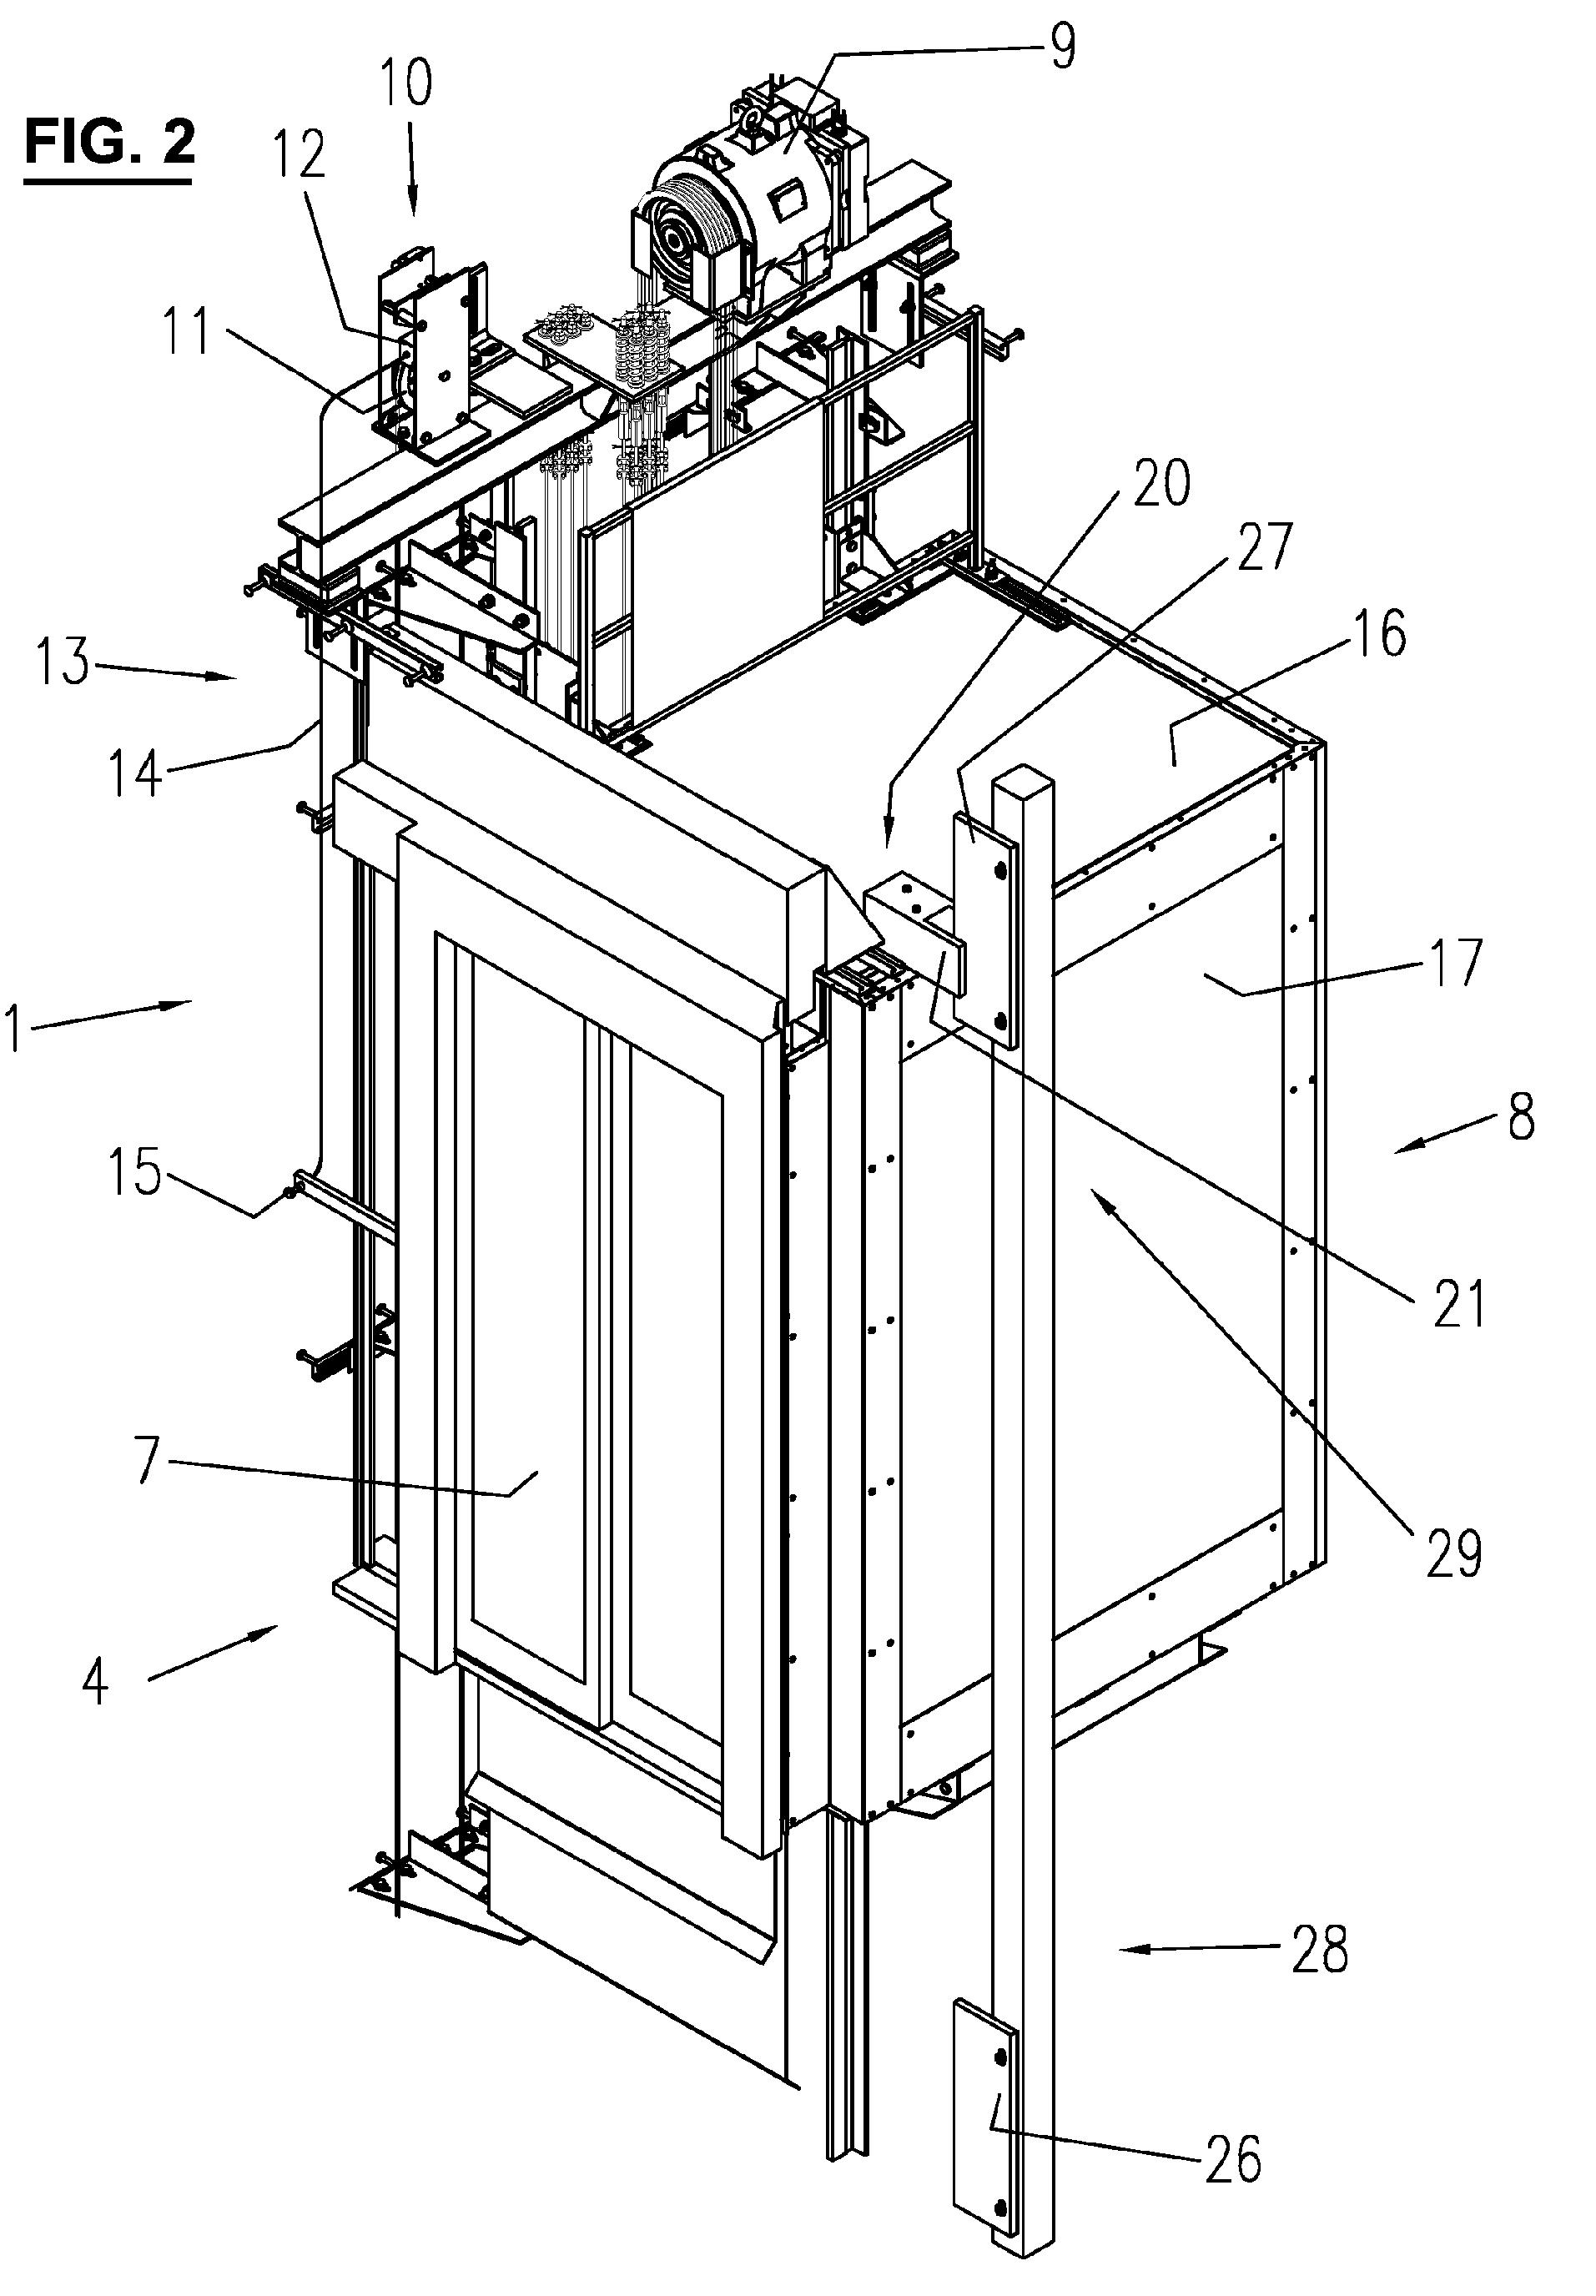 patente ep2463223a1 dispositif et proc�d� de contr�le de la electric tarp switch wiring diagram load control switch wiring diagram